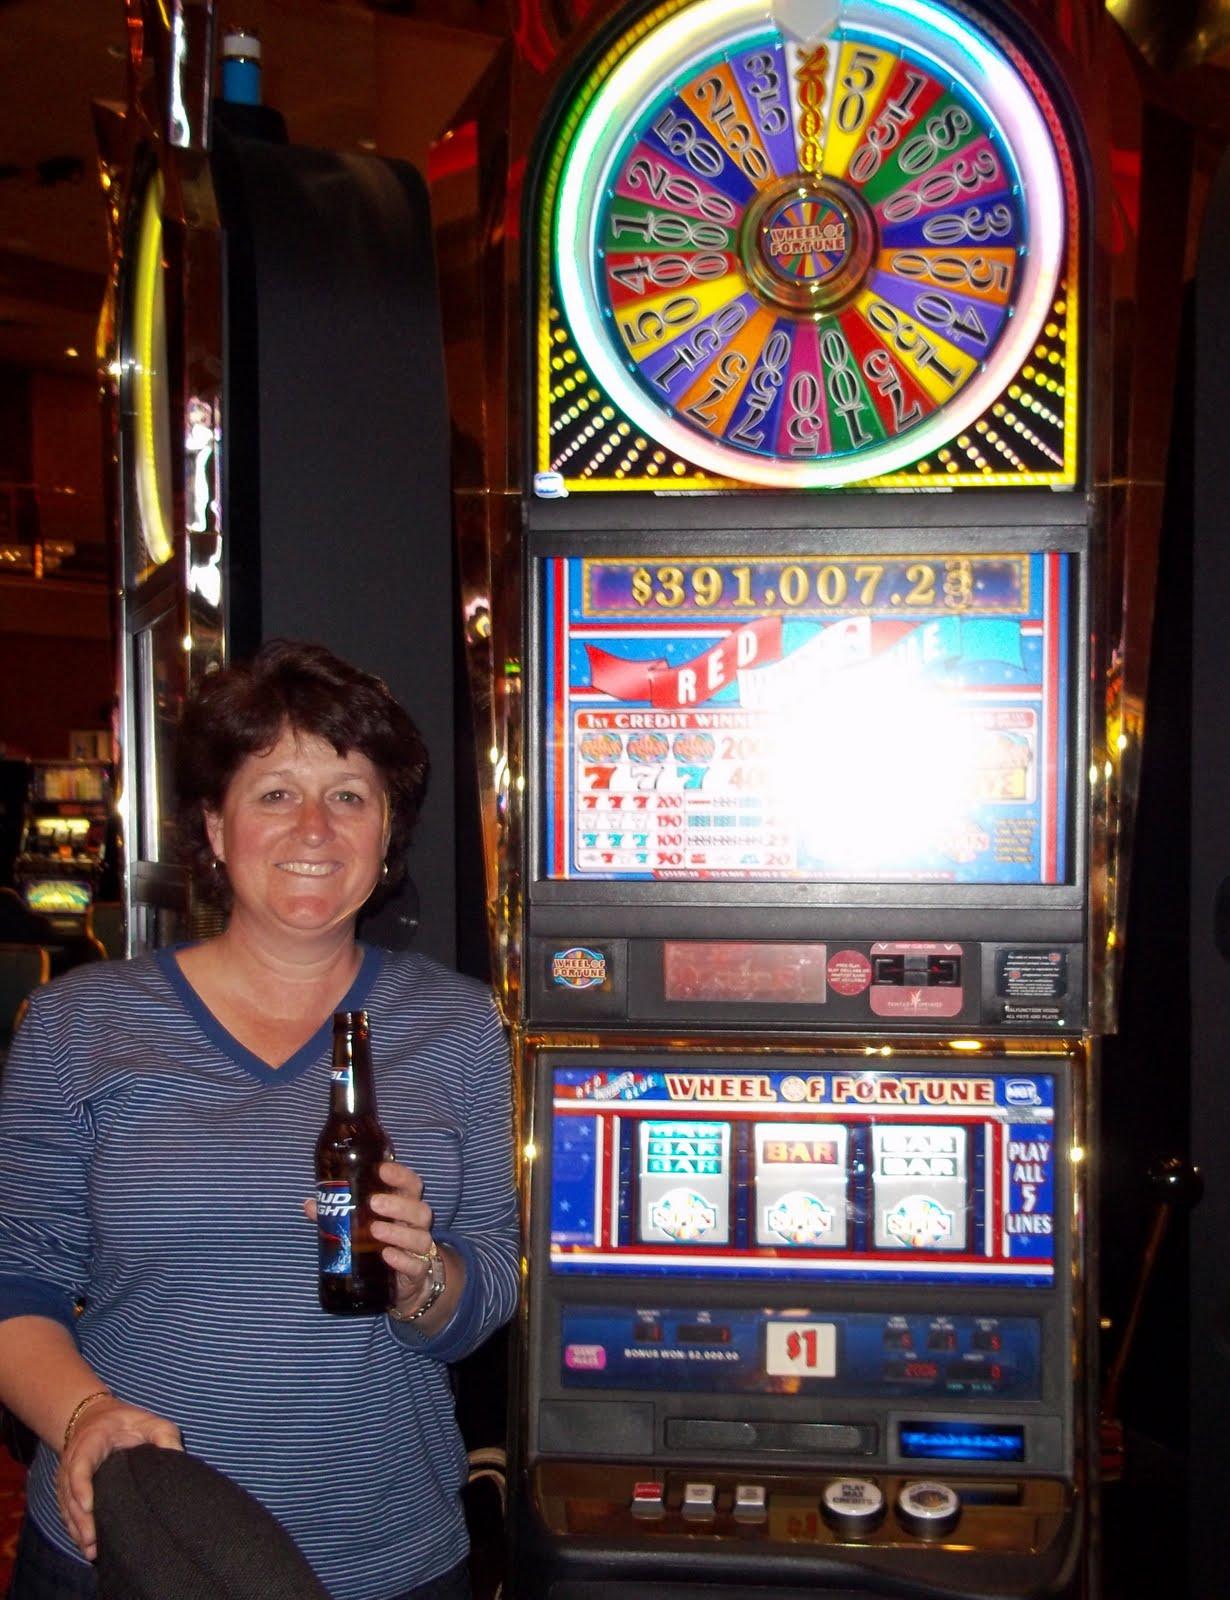 $1 wheel of fortune slot machine